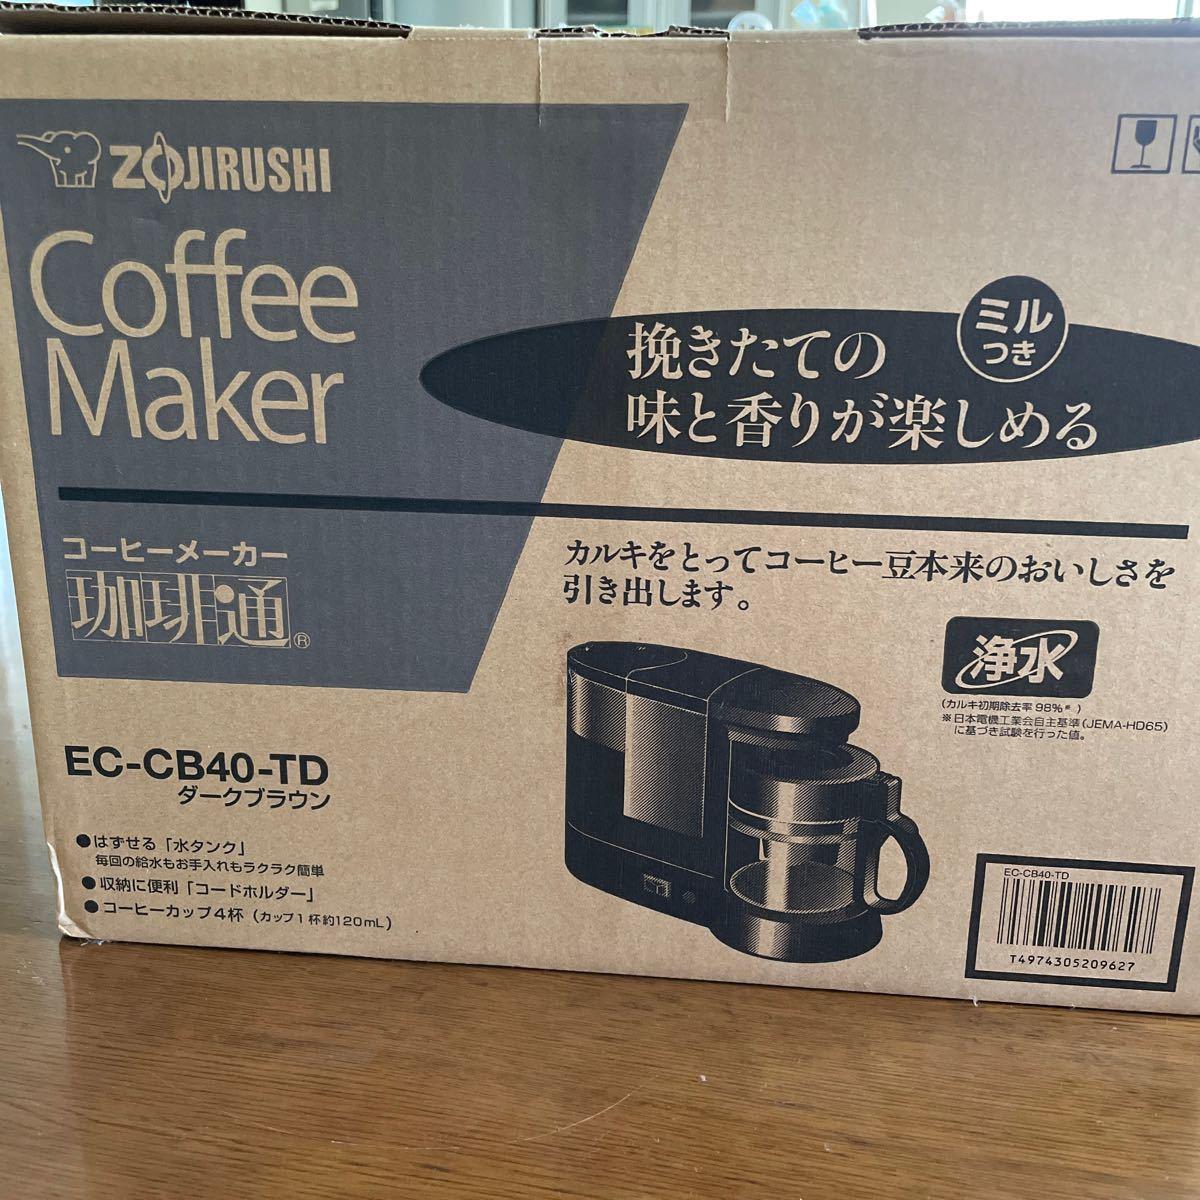 珈琲通 コーヒーメーカー EC-CB40-TD (ダークブラウン)